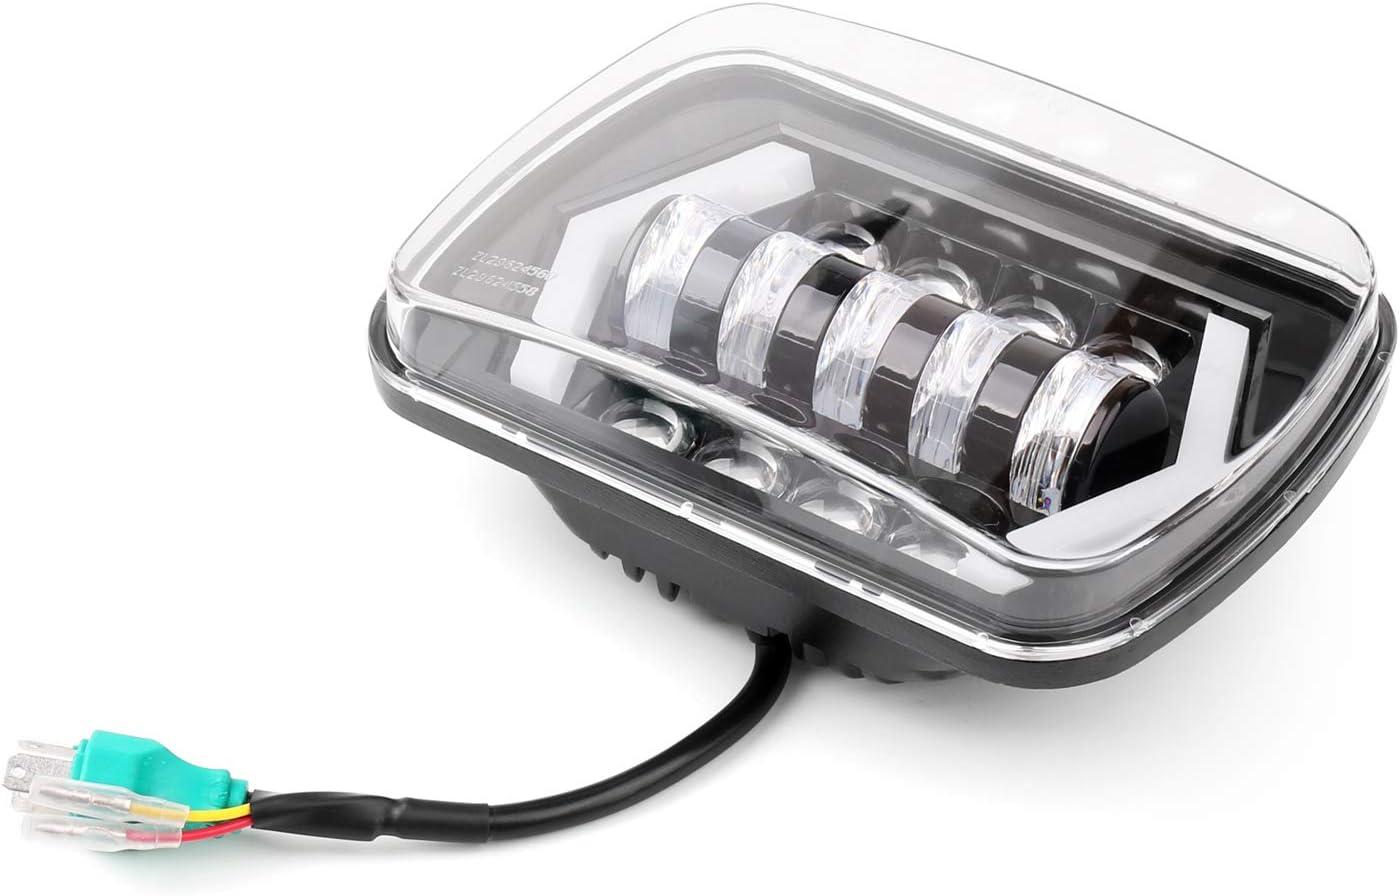 Topteng 55W 7x6 5X7 LED projecteur de phare Salut-Lo faisceau DRL Halo J-e-e-p XJ Cherokee